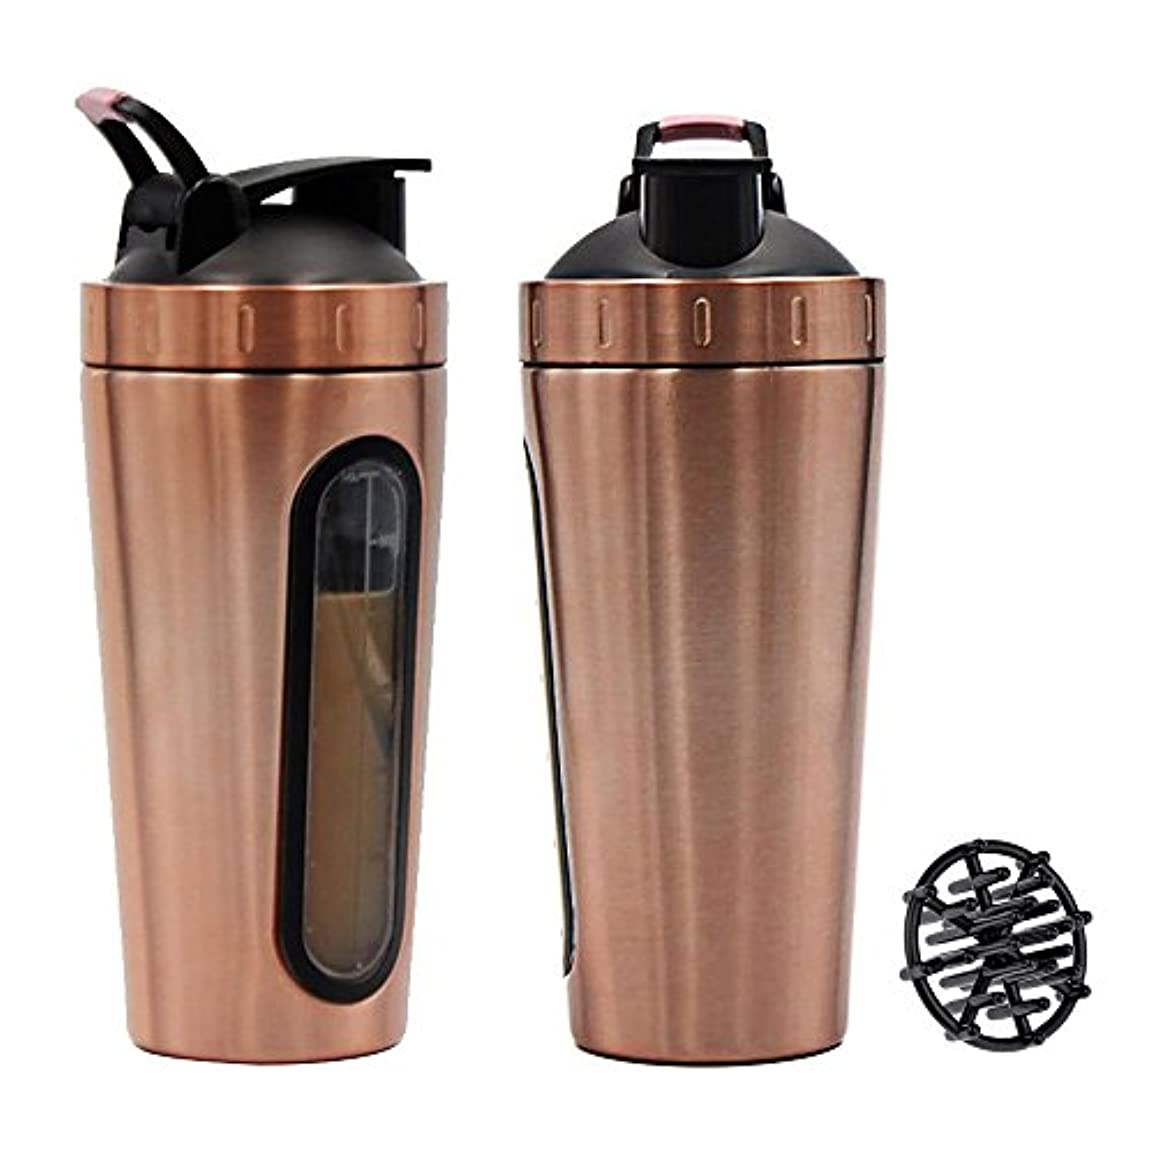 安心例示するしばしばステンレススチール スポーツウォーターボトル プロテインミルクセーキーシェーカーカップ 可視ウィンドウ ゴールド